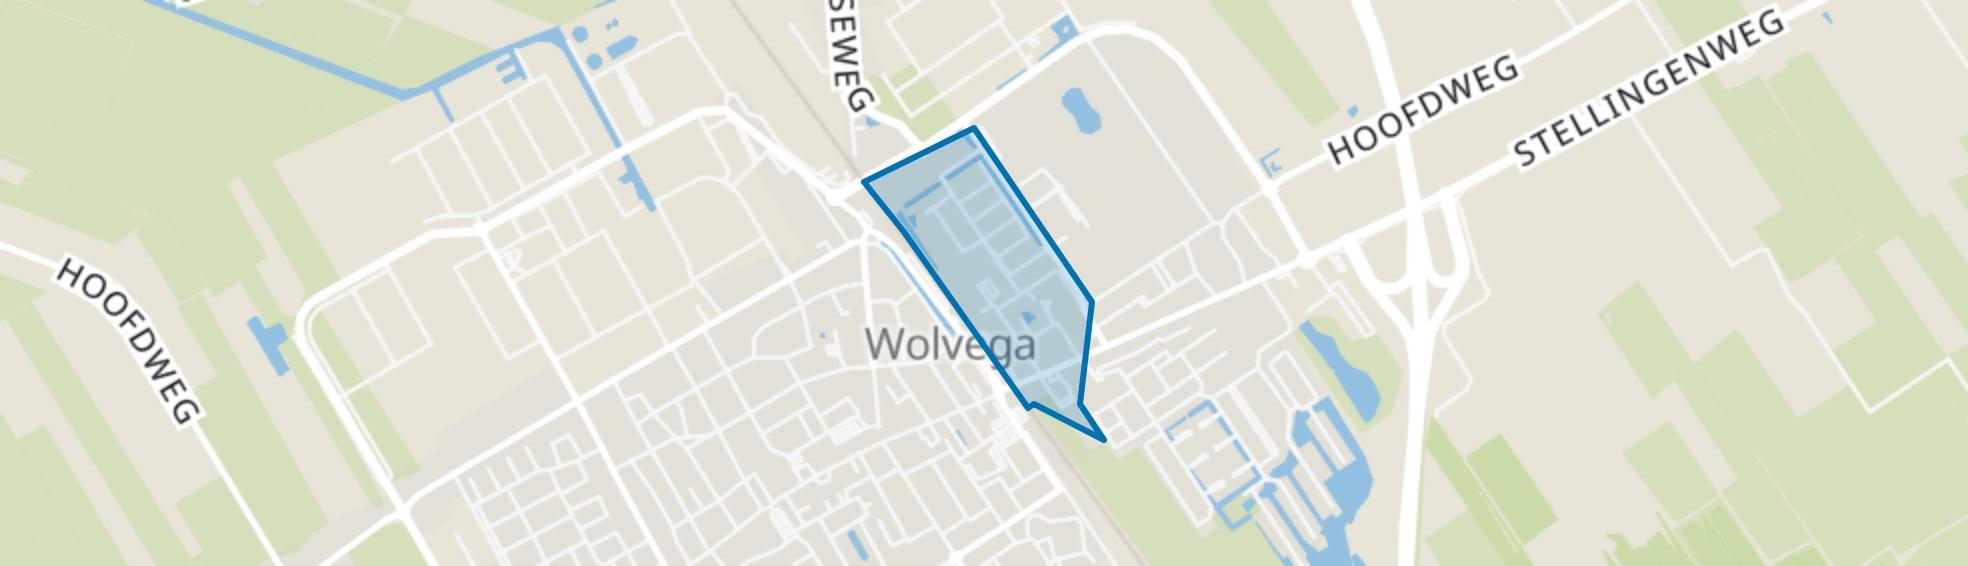 Wolvega-De Scheene, Wolvega map